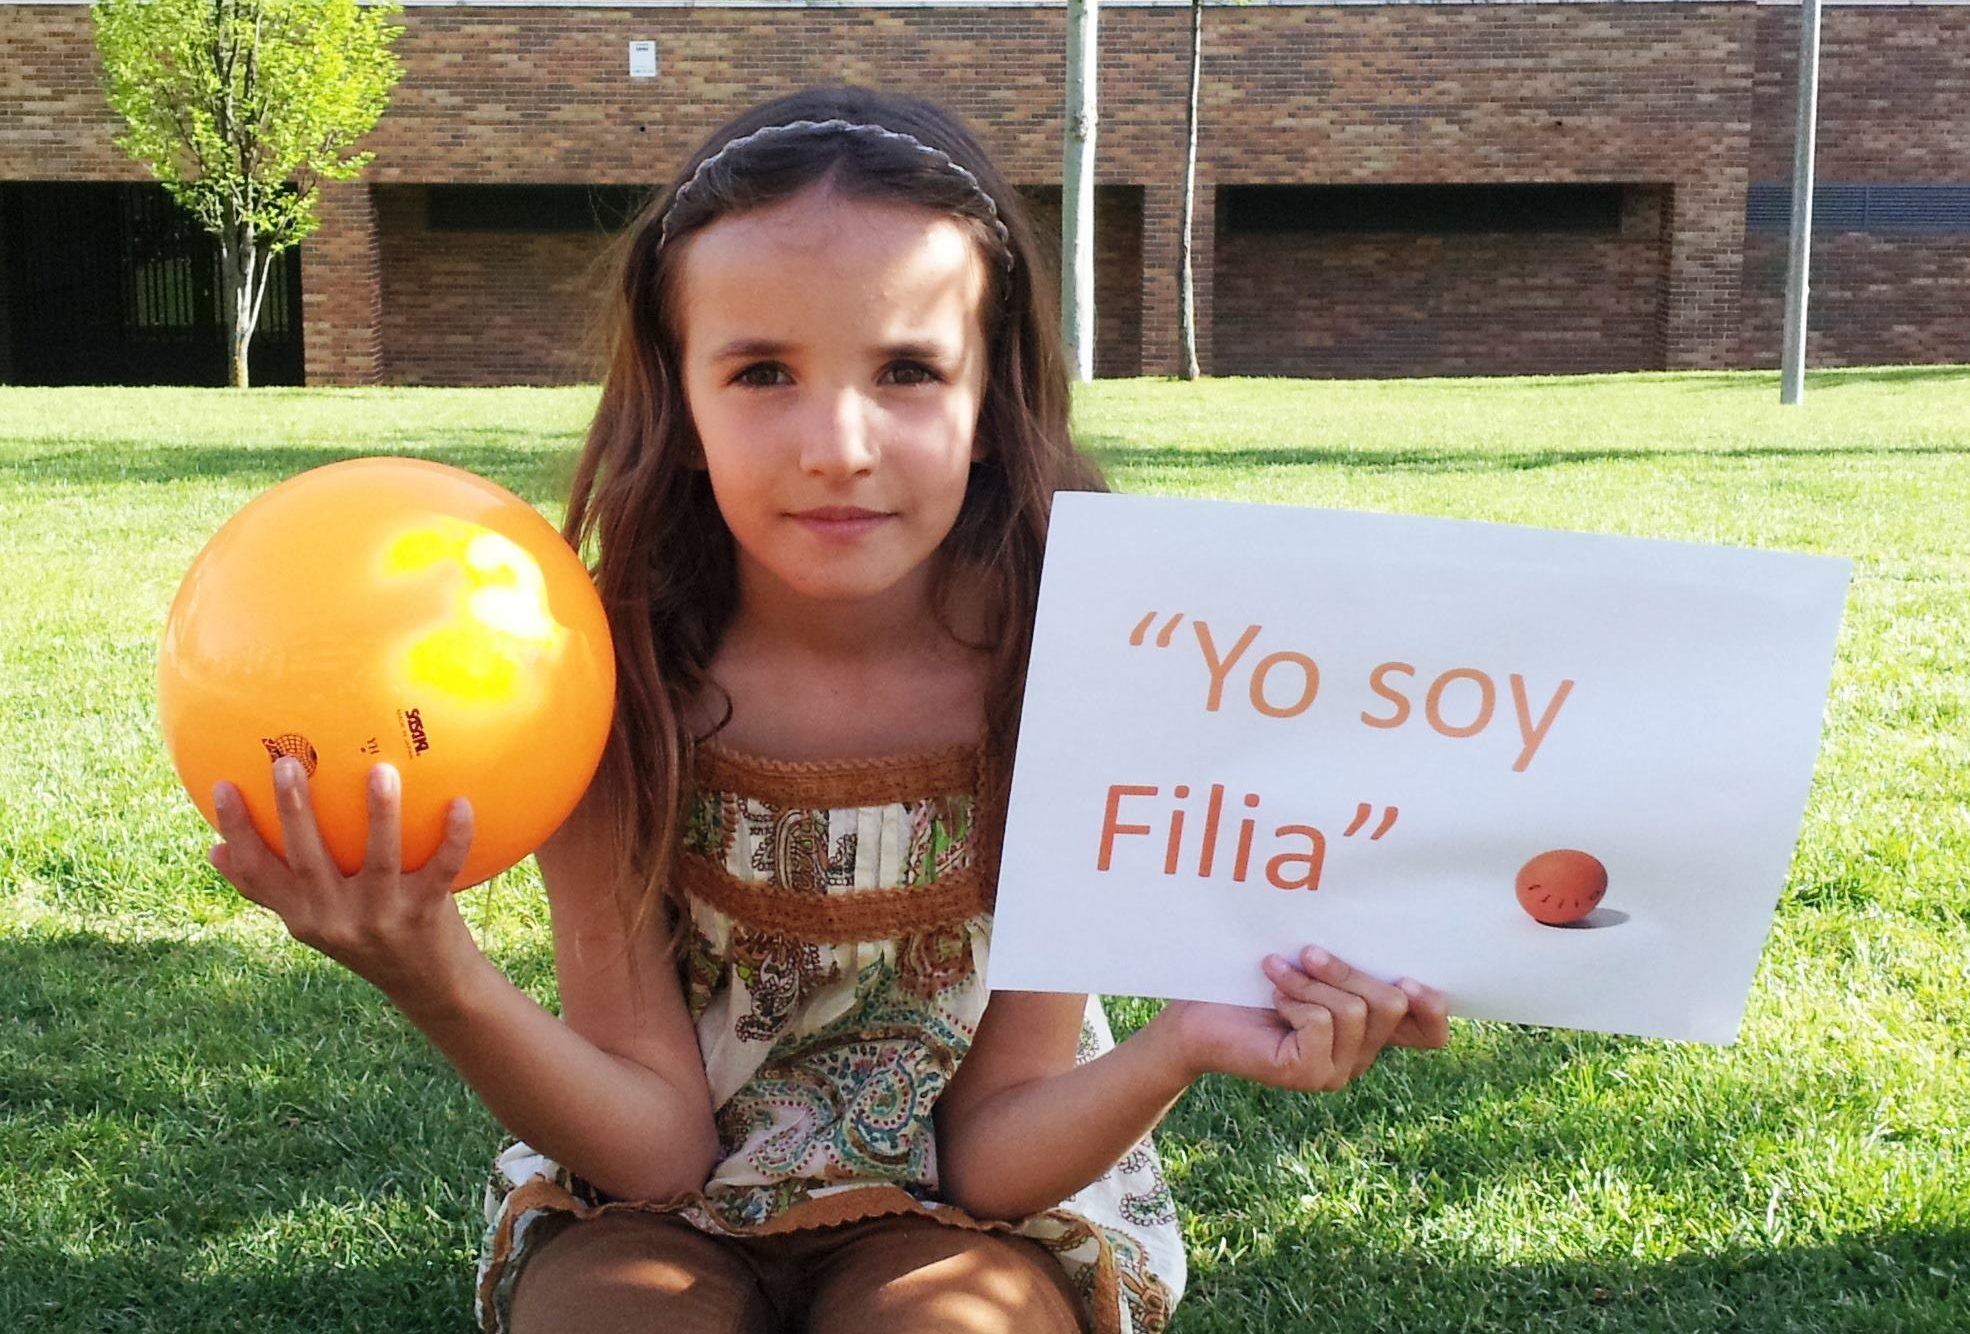 Delegaciones de Fundación Filia de Amparo al Menor por toda España